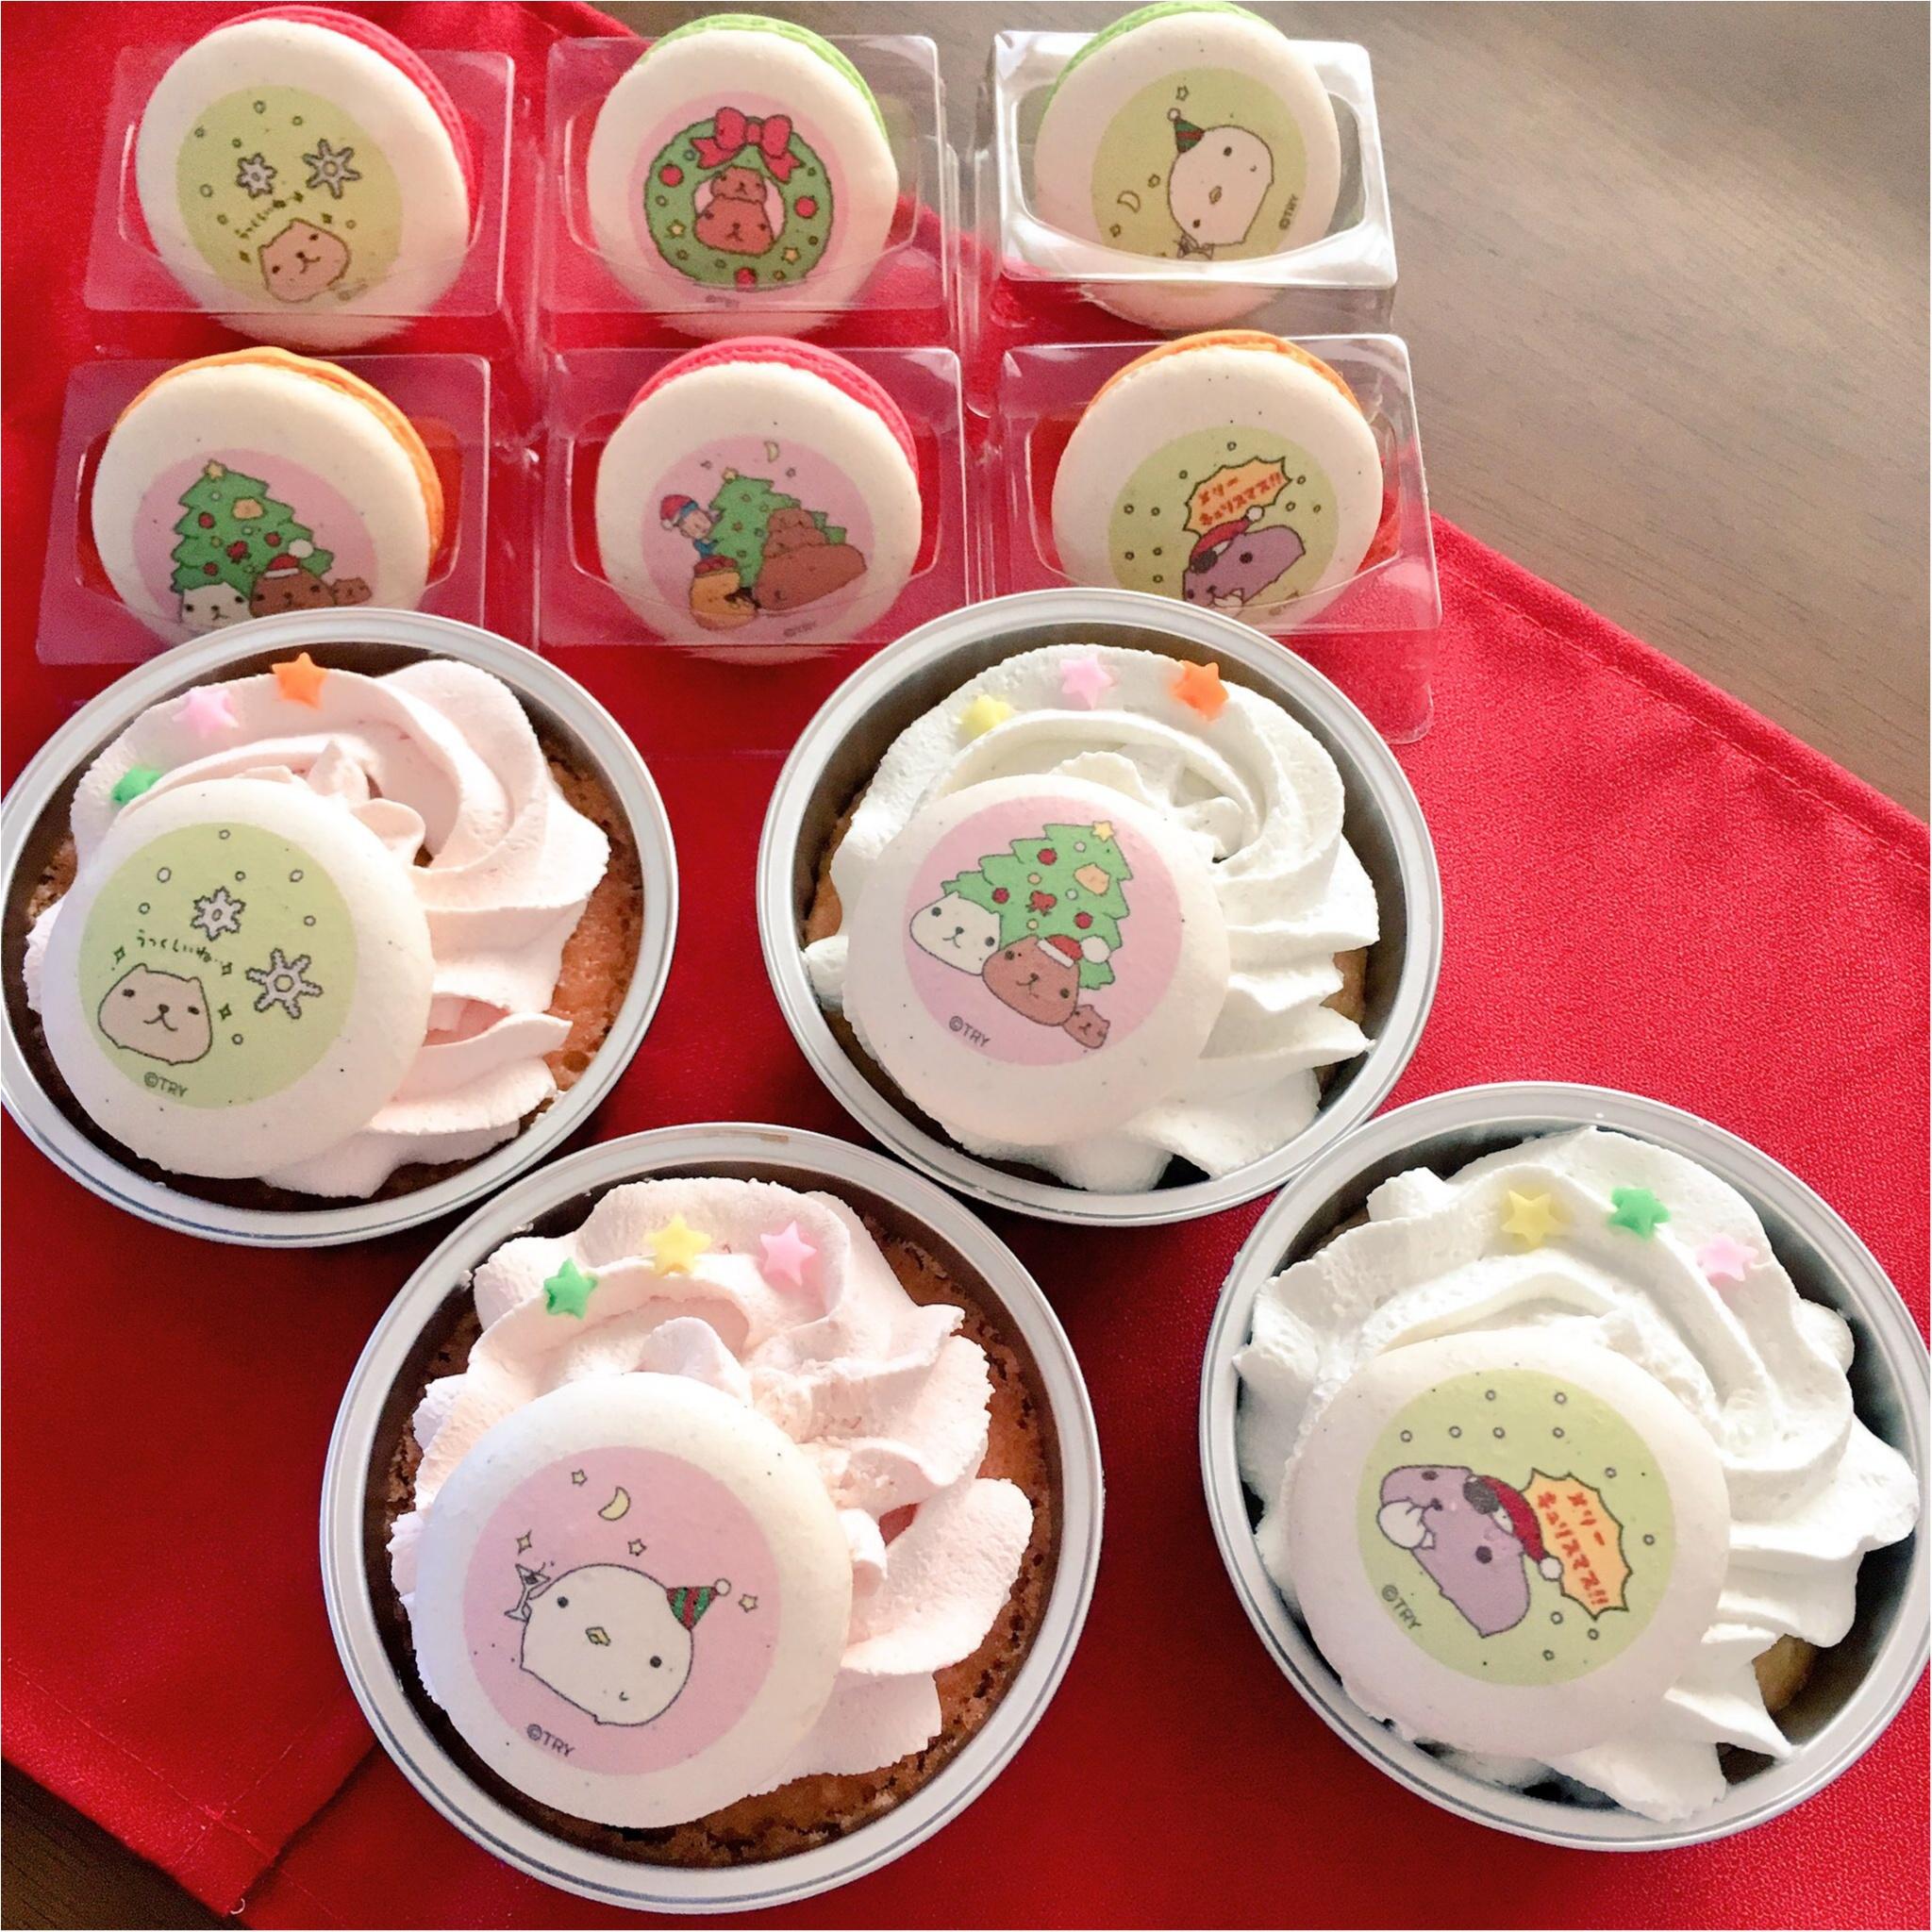 【キャラクター】クリスマスにはかわいいカピバラさんケーキで盛り上がっちゃおう(*>ω<*)♡ 【ケーキ】_2